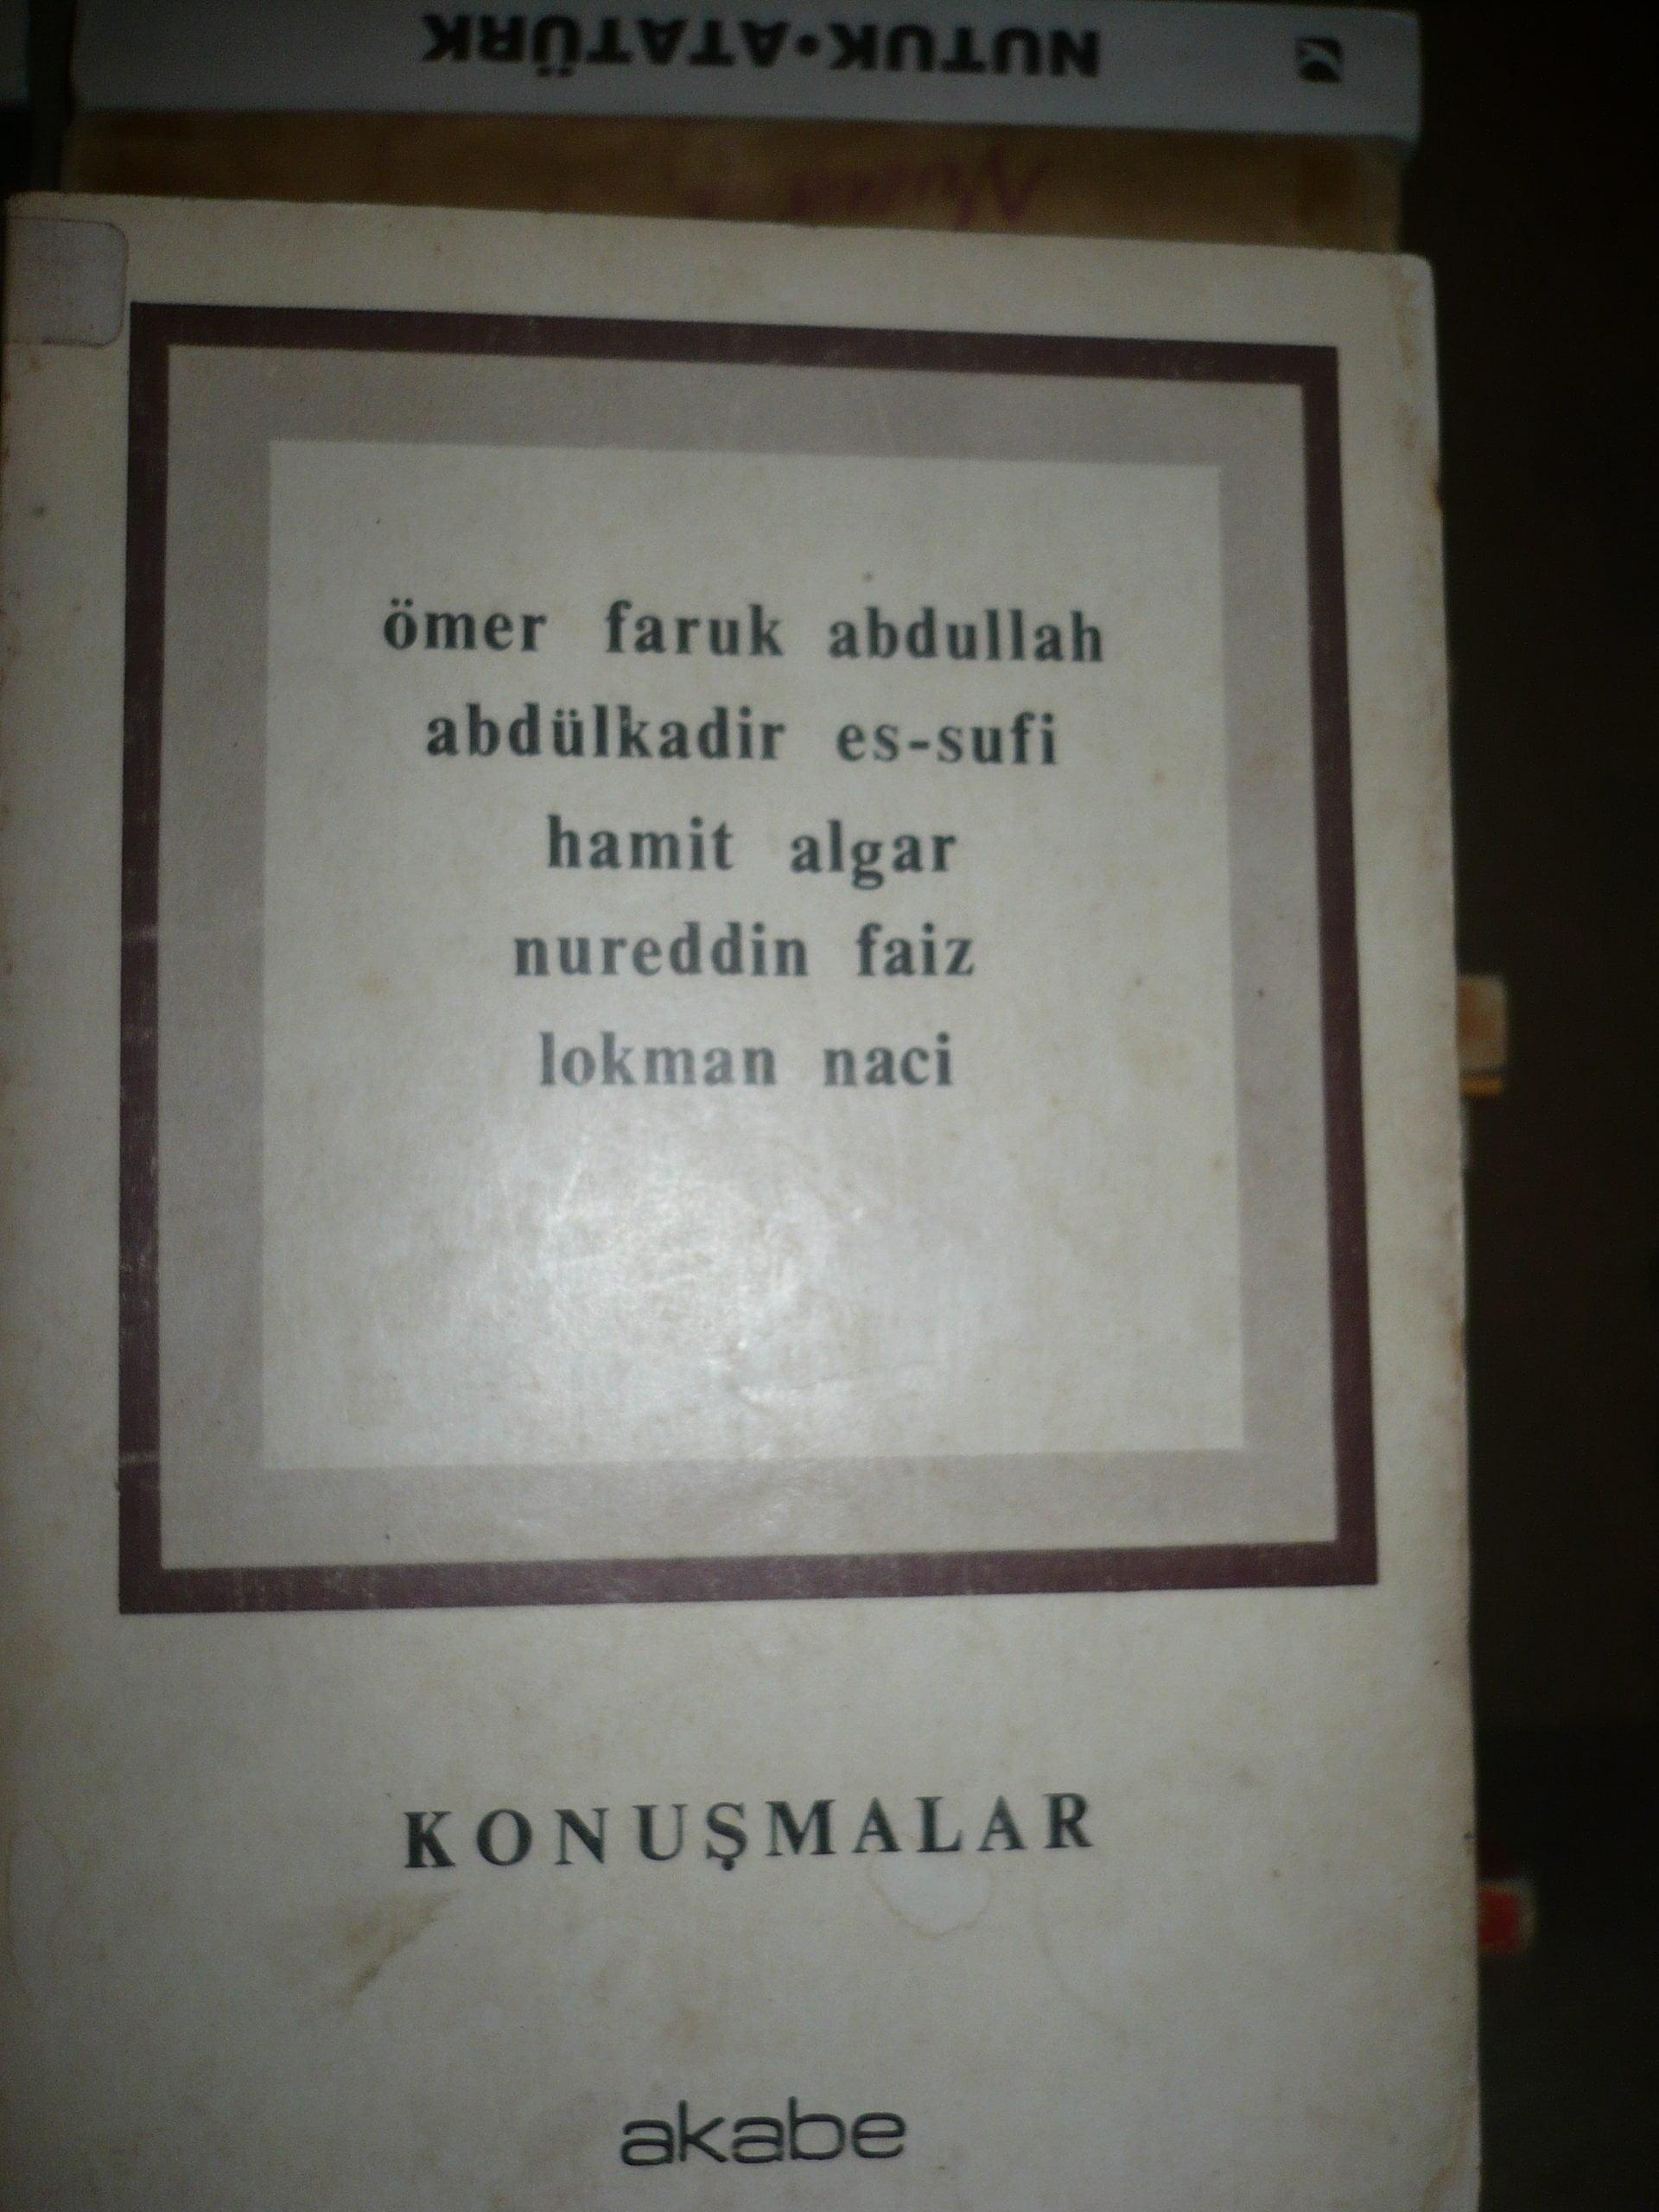 KONUŞMALAR(Abdulkadir Es-sufi-Hamit Algar-Nureddin Faiz-Lokman Naci)/Derleme/ 10 tl